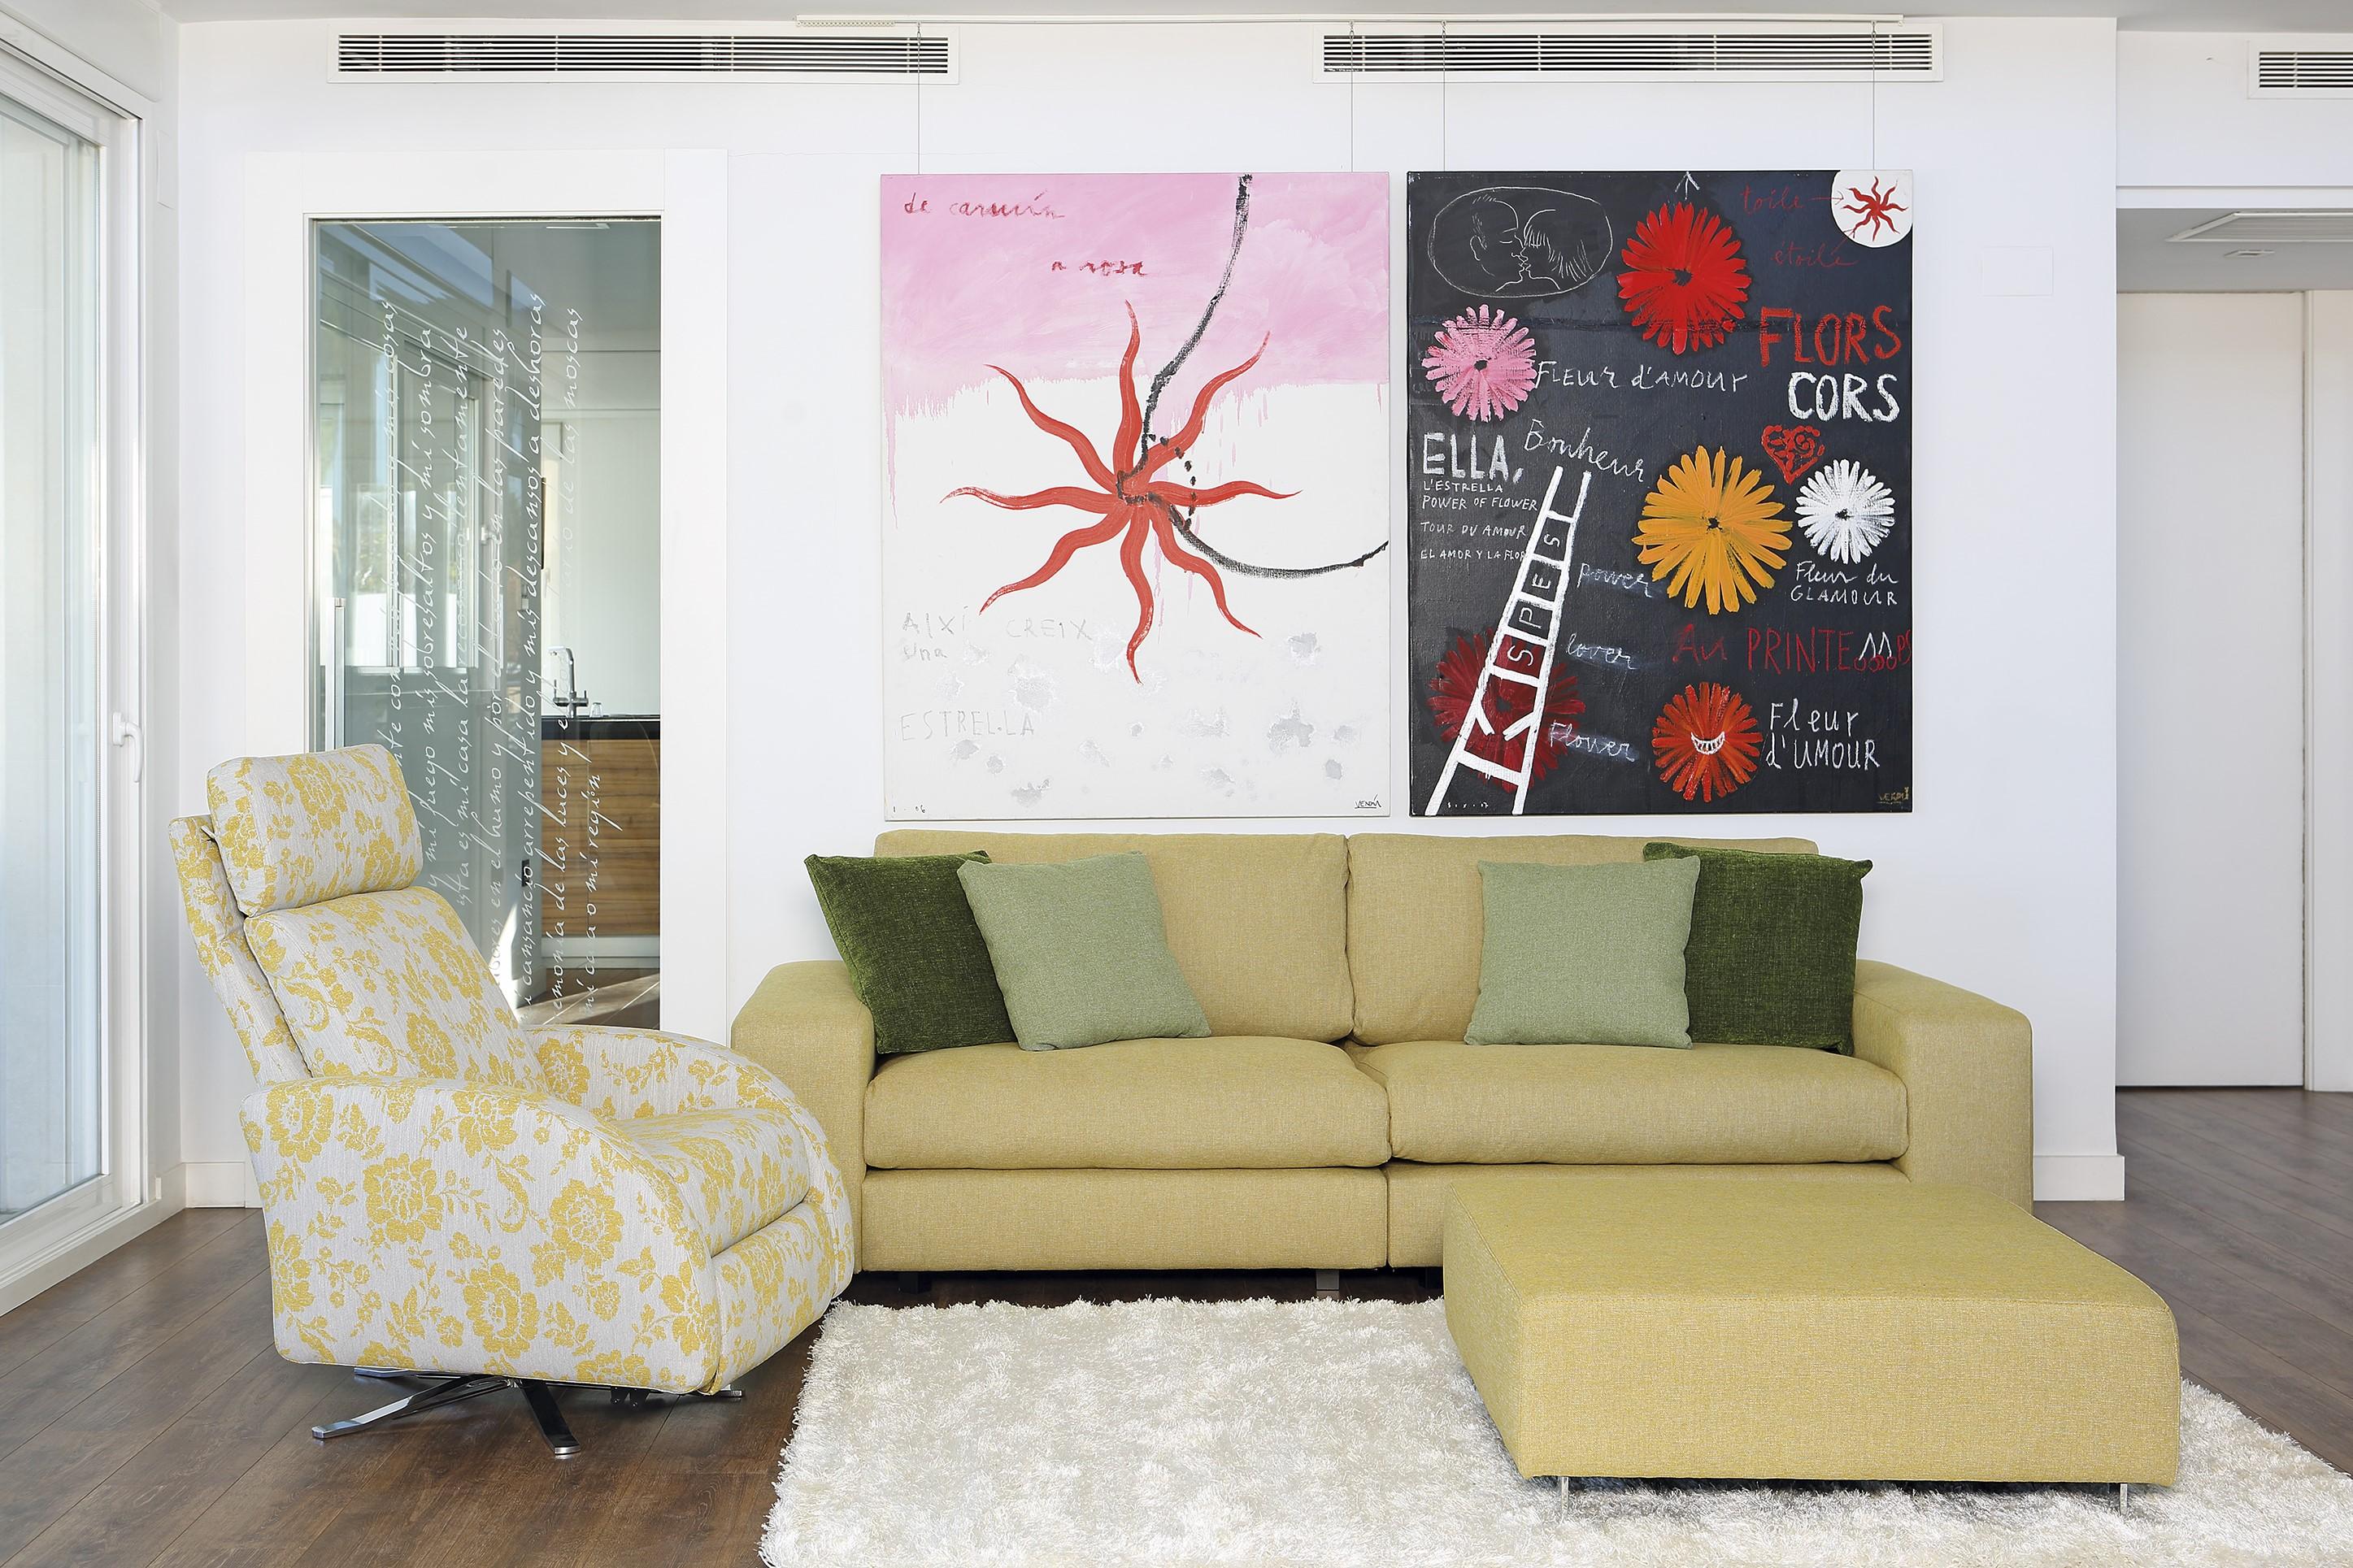 Forrar sofa con tela trendy cmo elegir las telas de las - Telas tapizar sofas ...